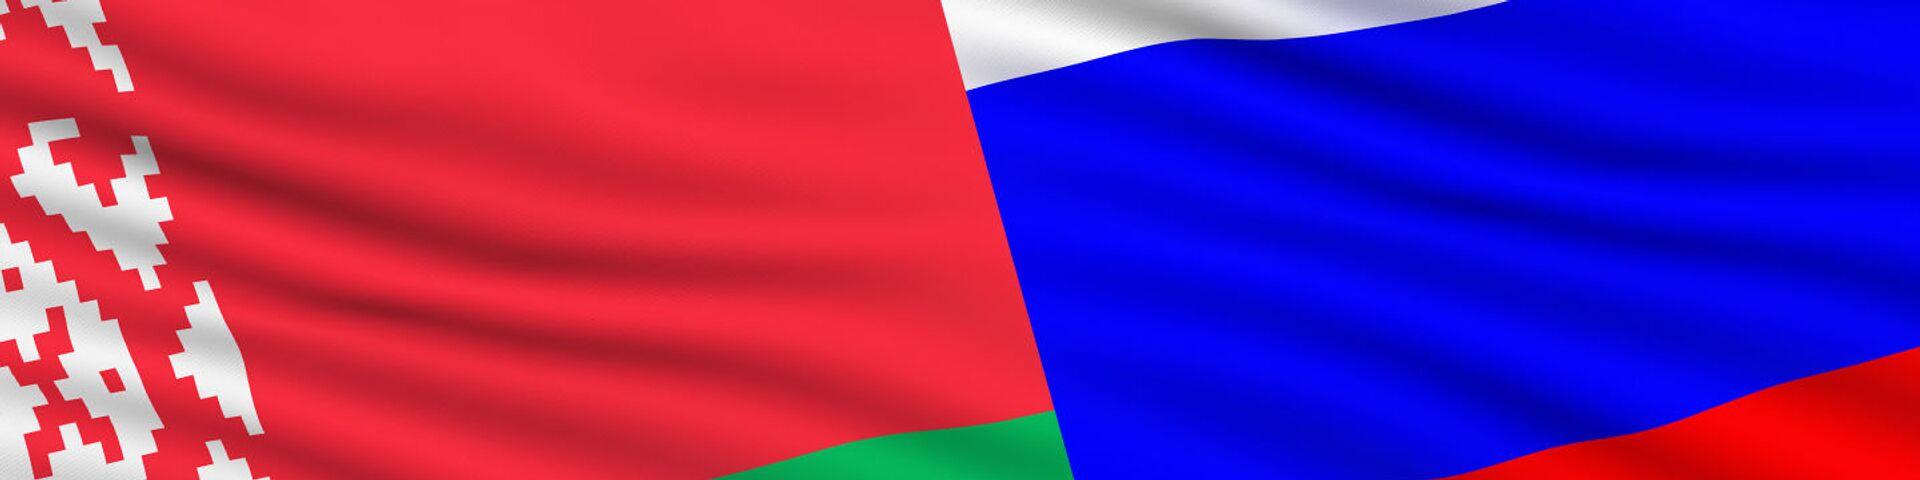 Флаги Союзного государства  - РИА Новости, 1920, 06.12.2018